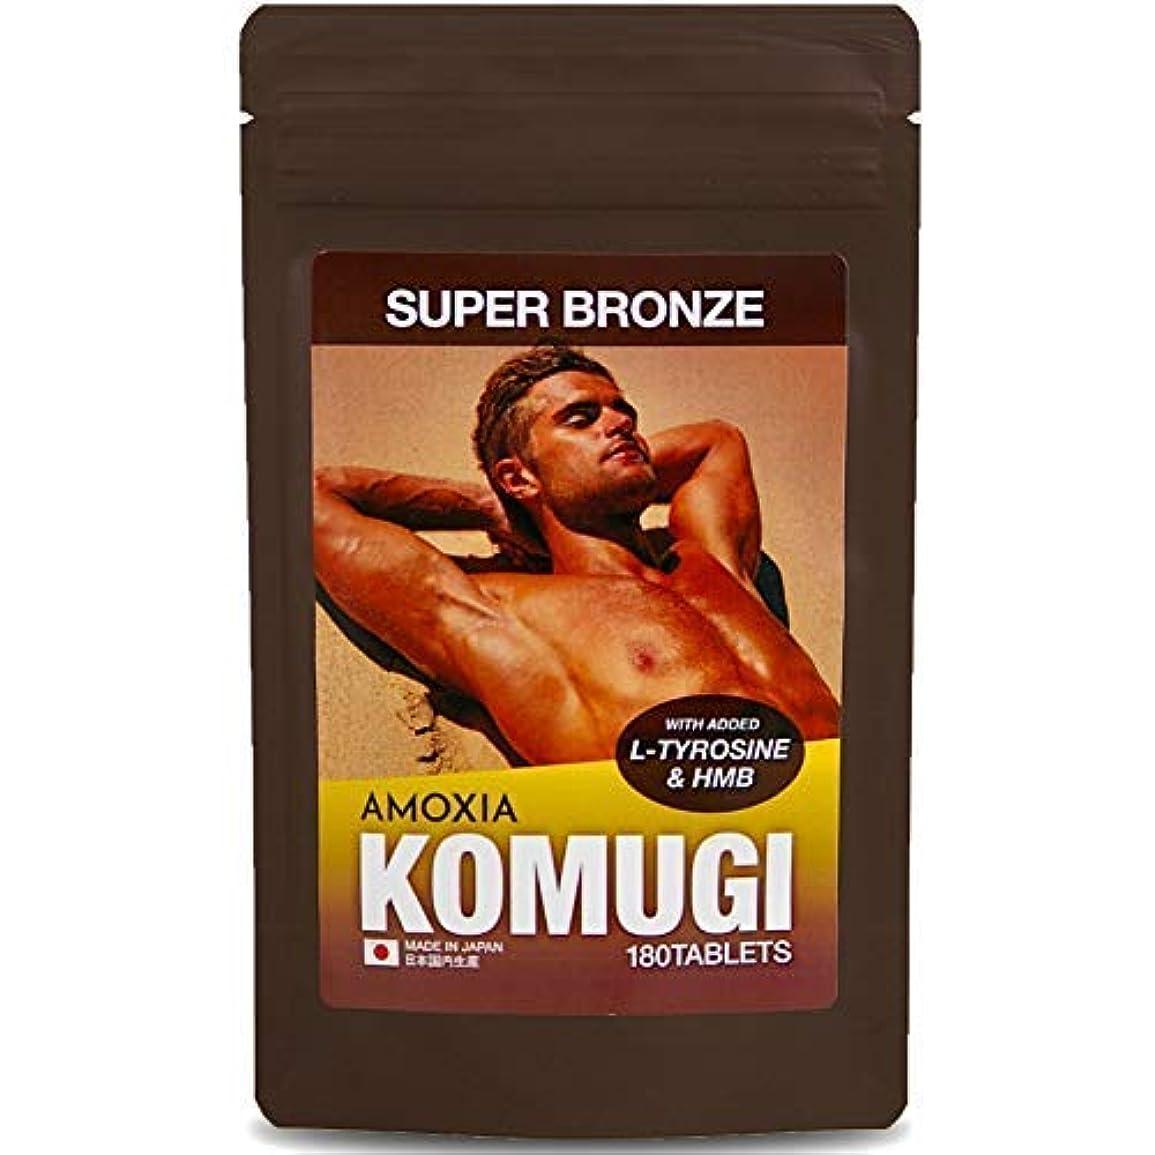 アシスタントチョップ移行KOMUGI 日焼けと筋肉増強で新発想の飲むタンニング タンニングサプリメント 安心の国産 HMB配合 国産シェア100%